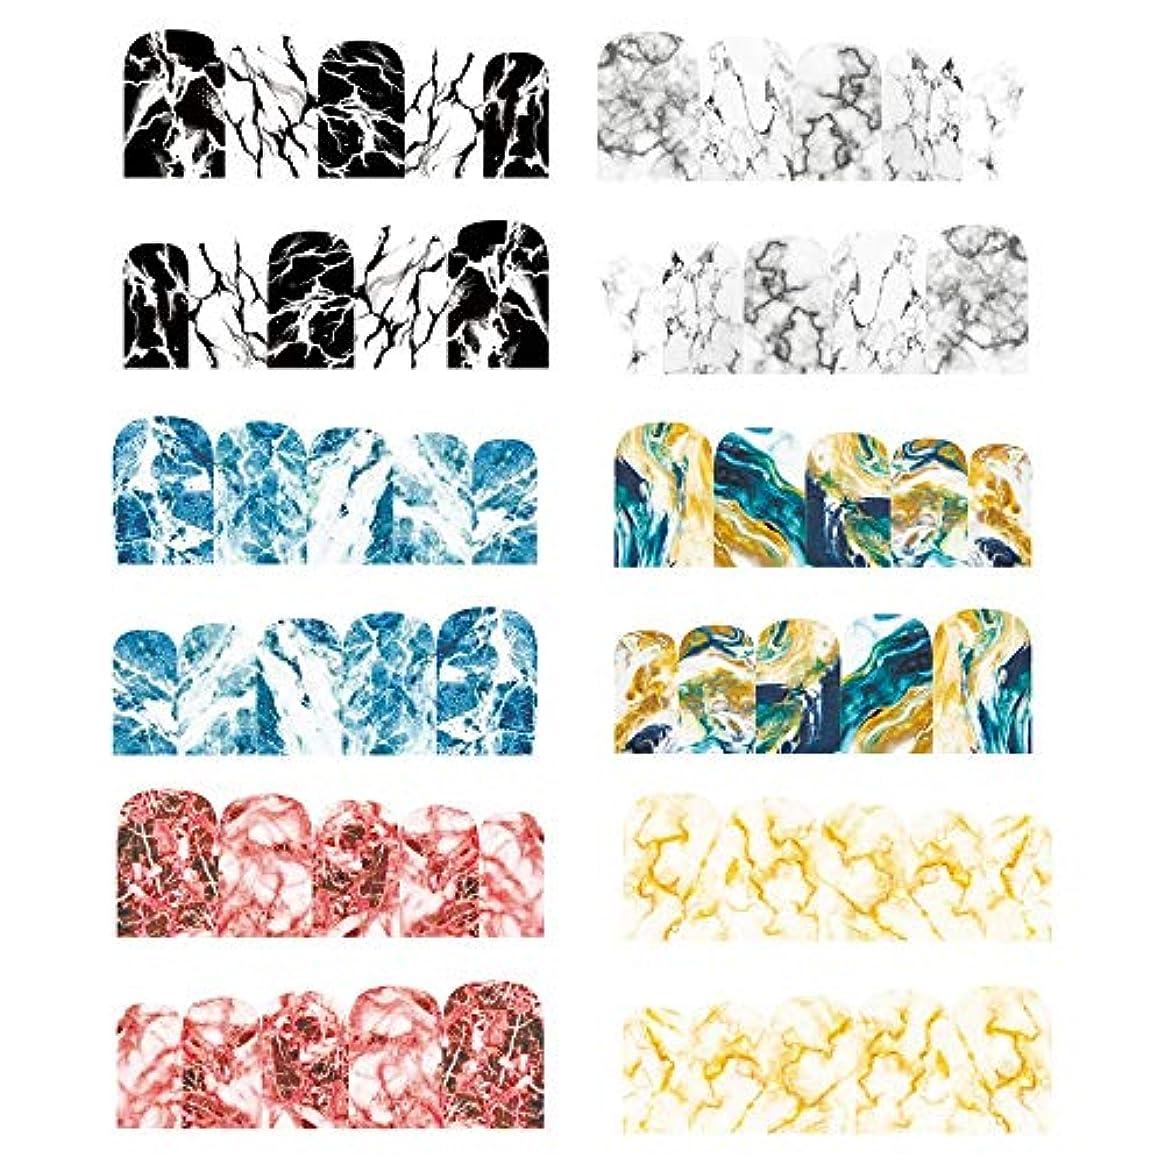 思慮のない自治実現可能性ネイルステッカー DIY 3Dネイルシール ネイルパーツ 大理石 ネイルシール デコ ウォーターシールネイルアートシール ステッカー 貼り紙 綺麗 6ピース